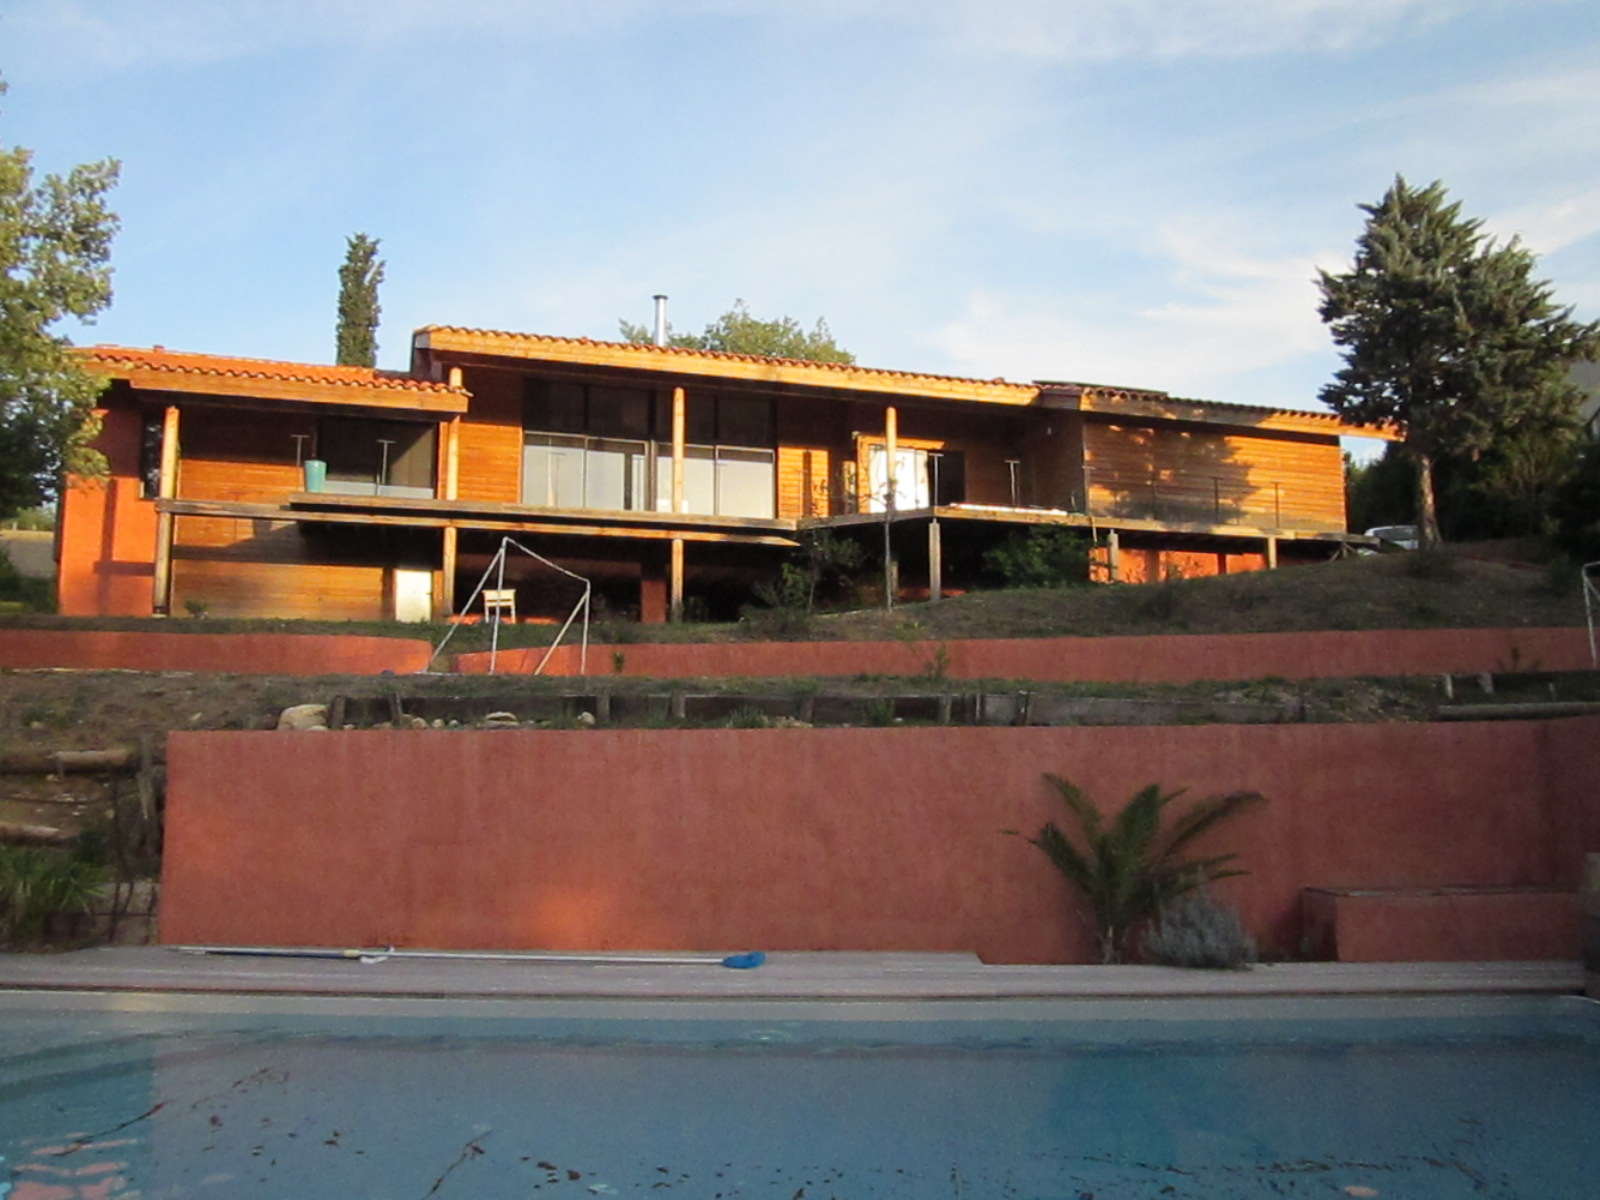 Maison ossature bois 180m² Pyrénées Orientales